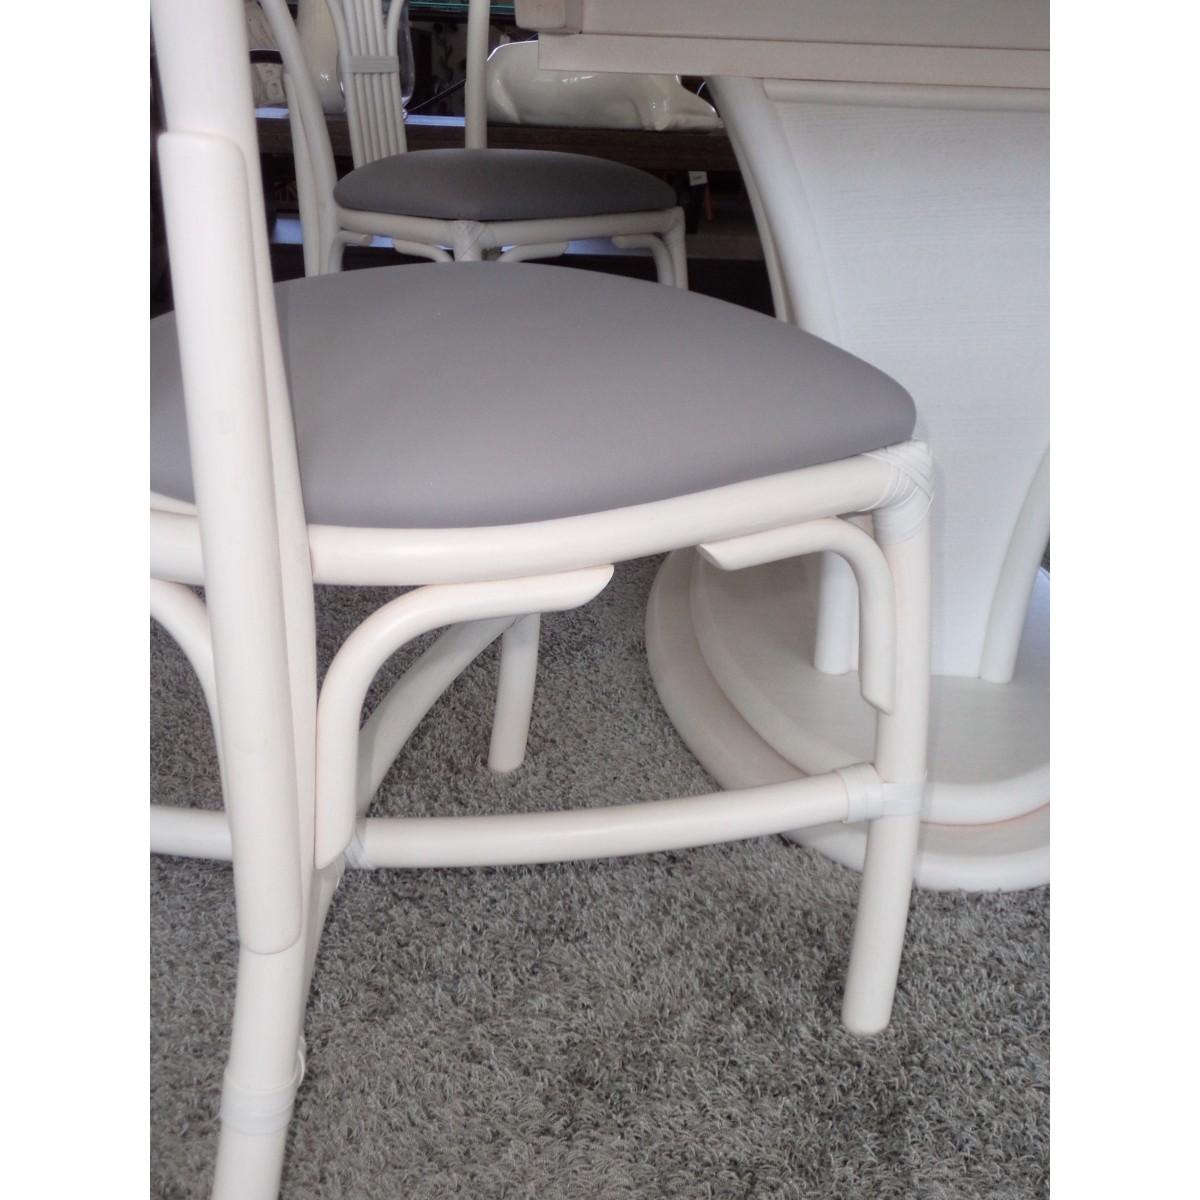 chaise en rotin coloris blanc et forme arrondie. Black Bedroom Furniture Sets. Home Design Ideas